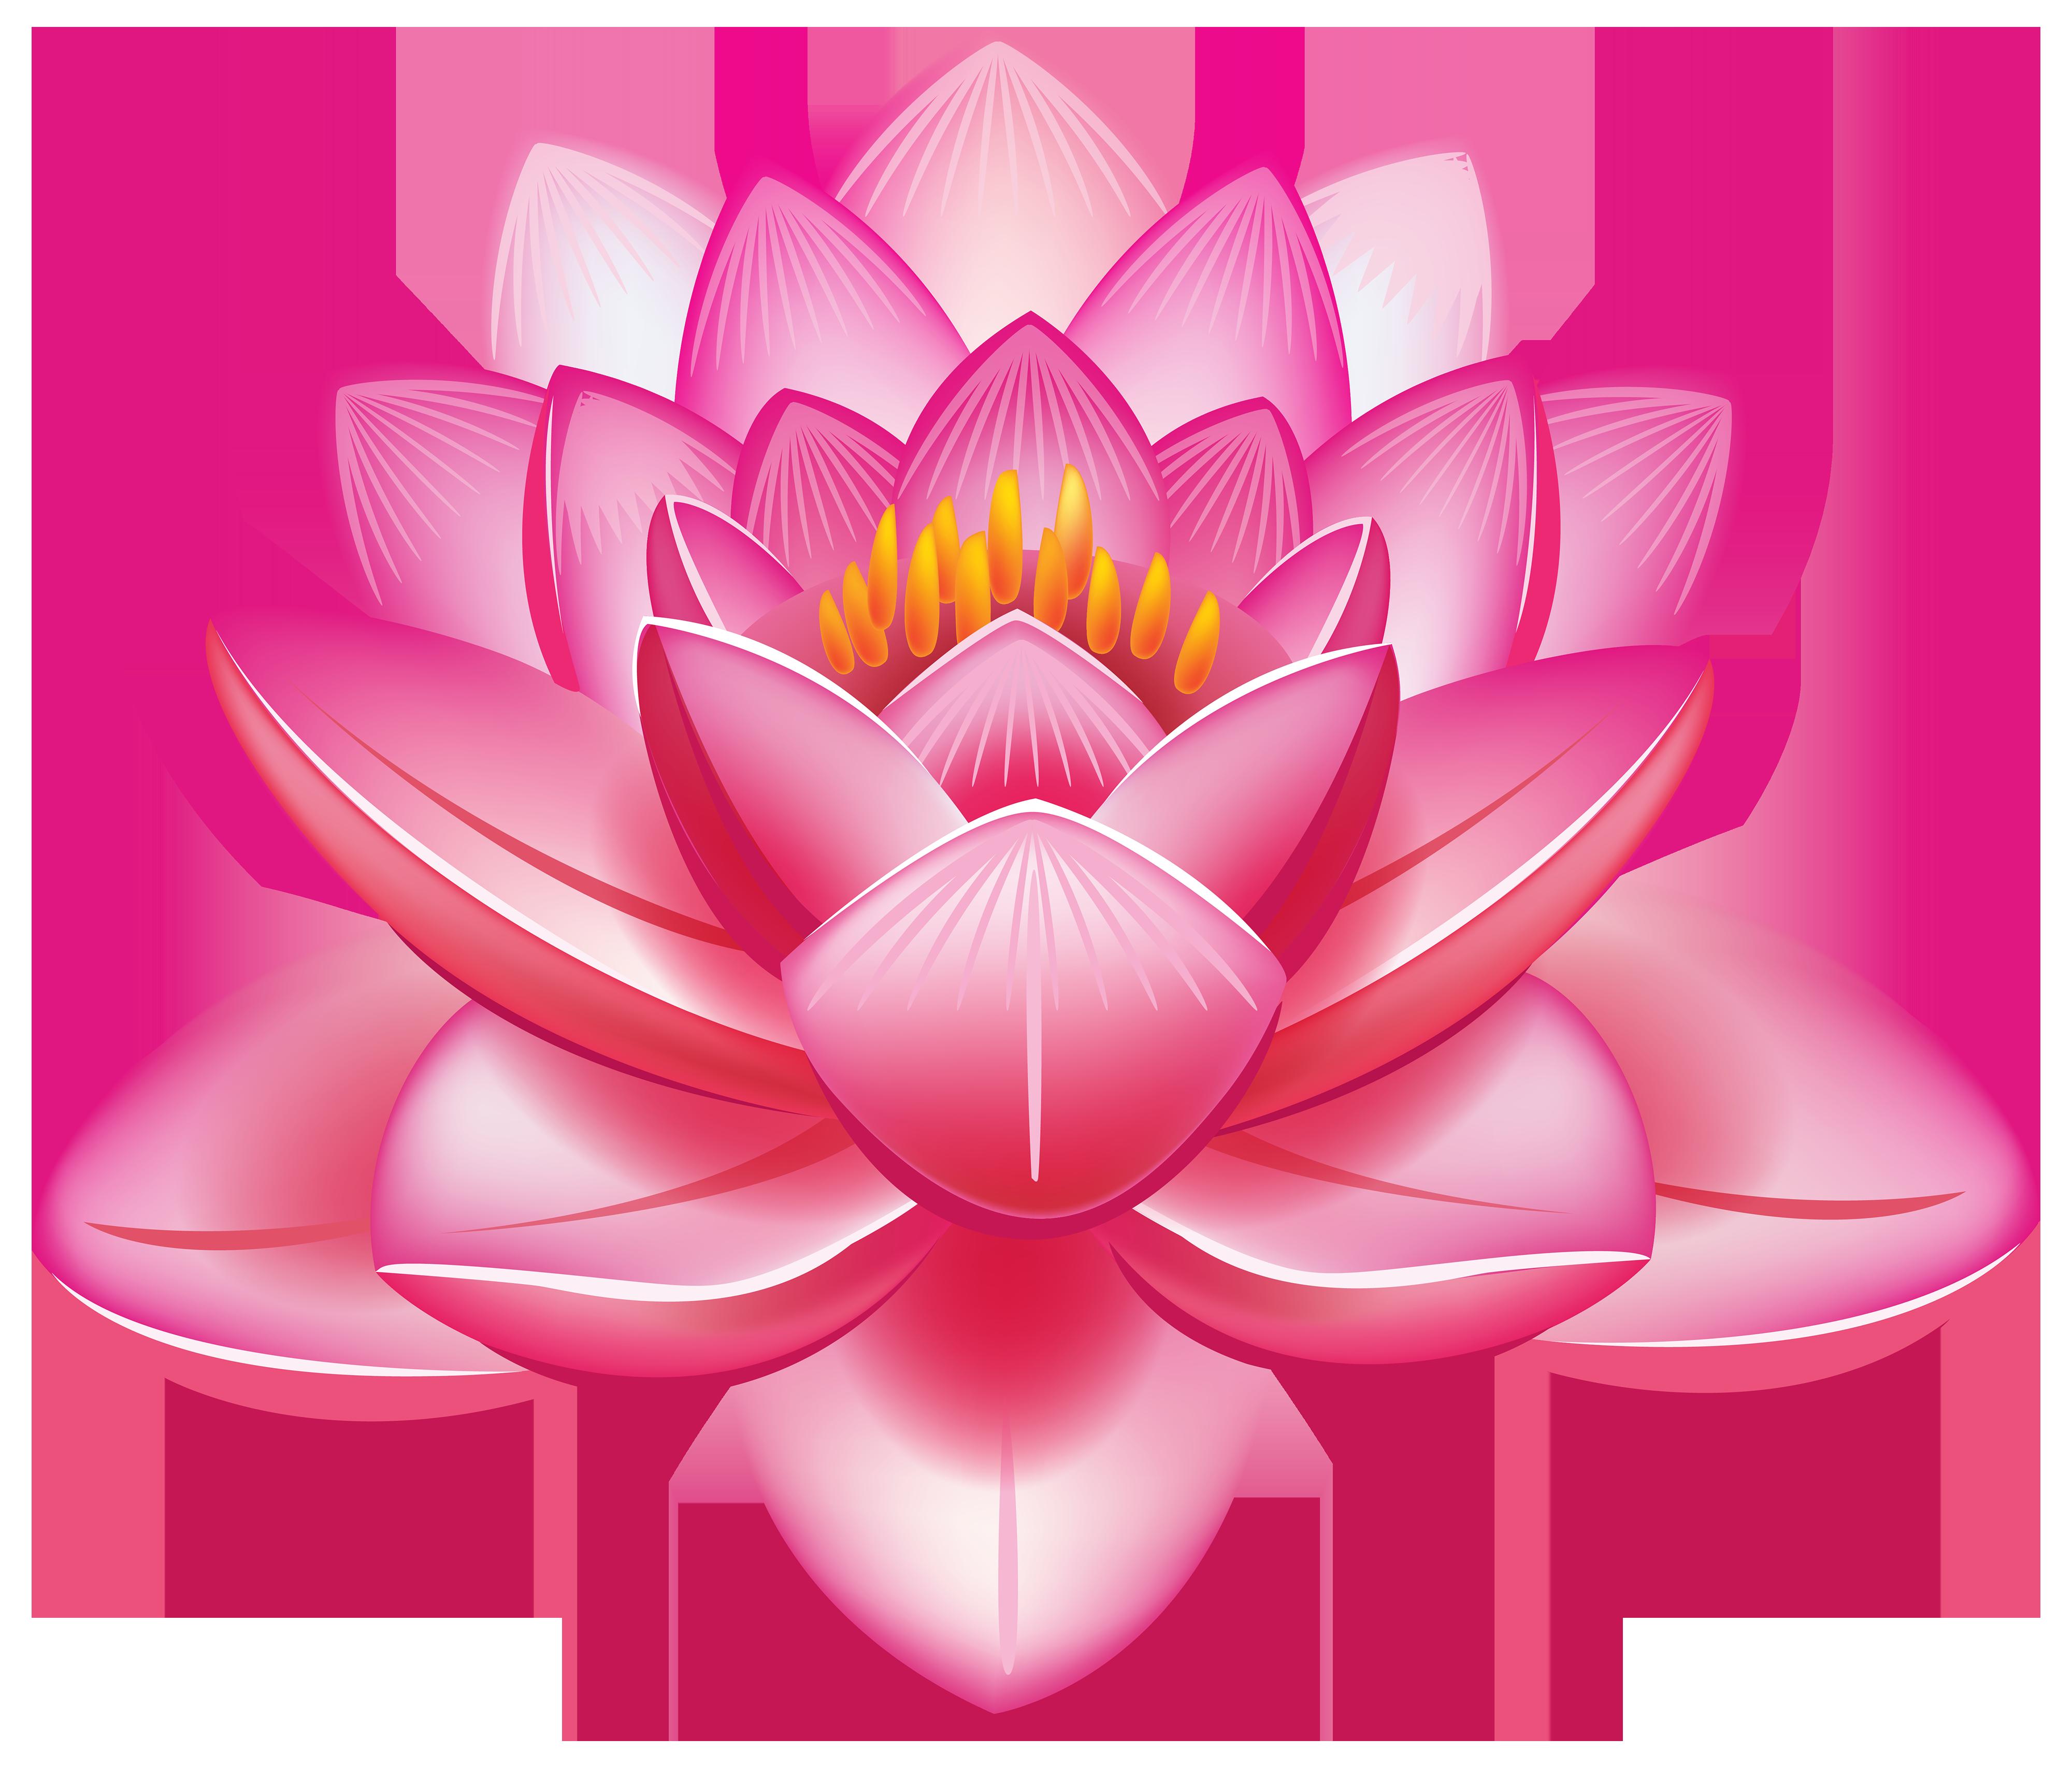 Clipart best web. Lotus flower png